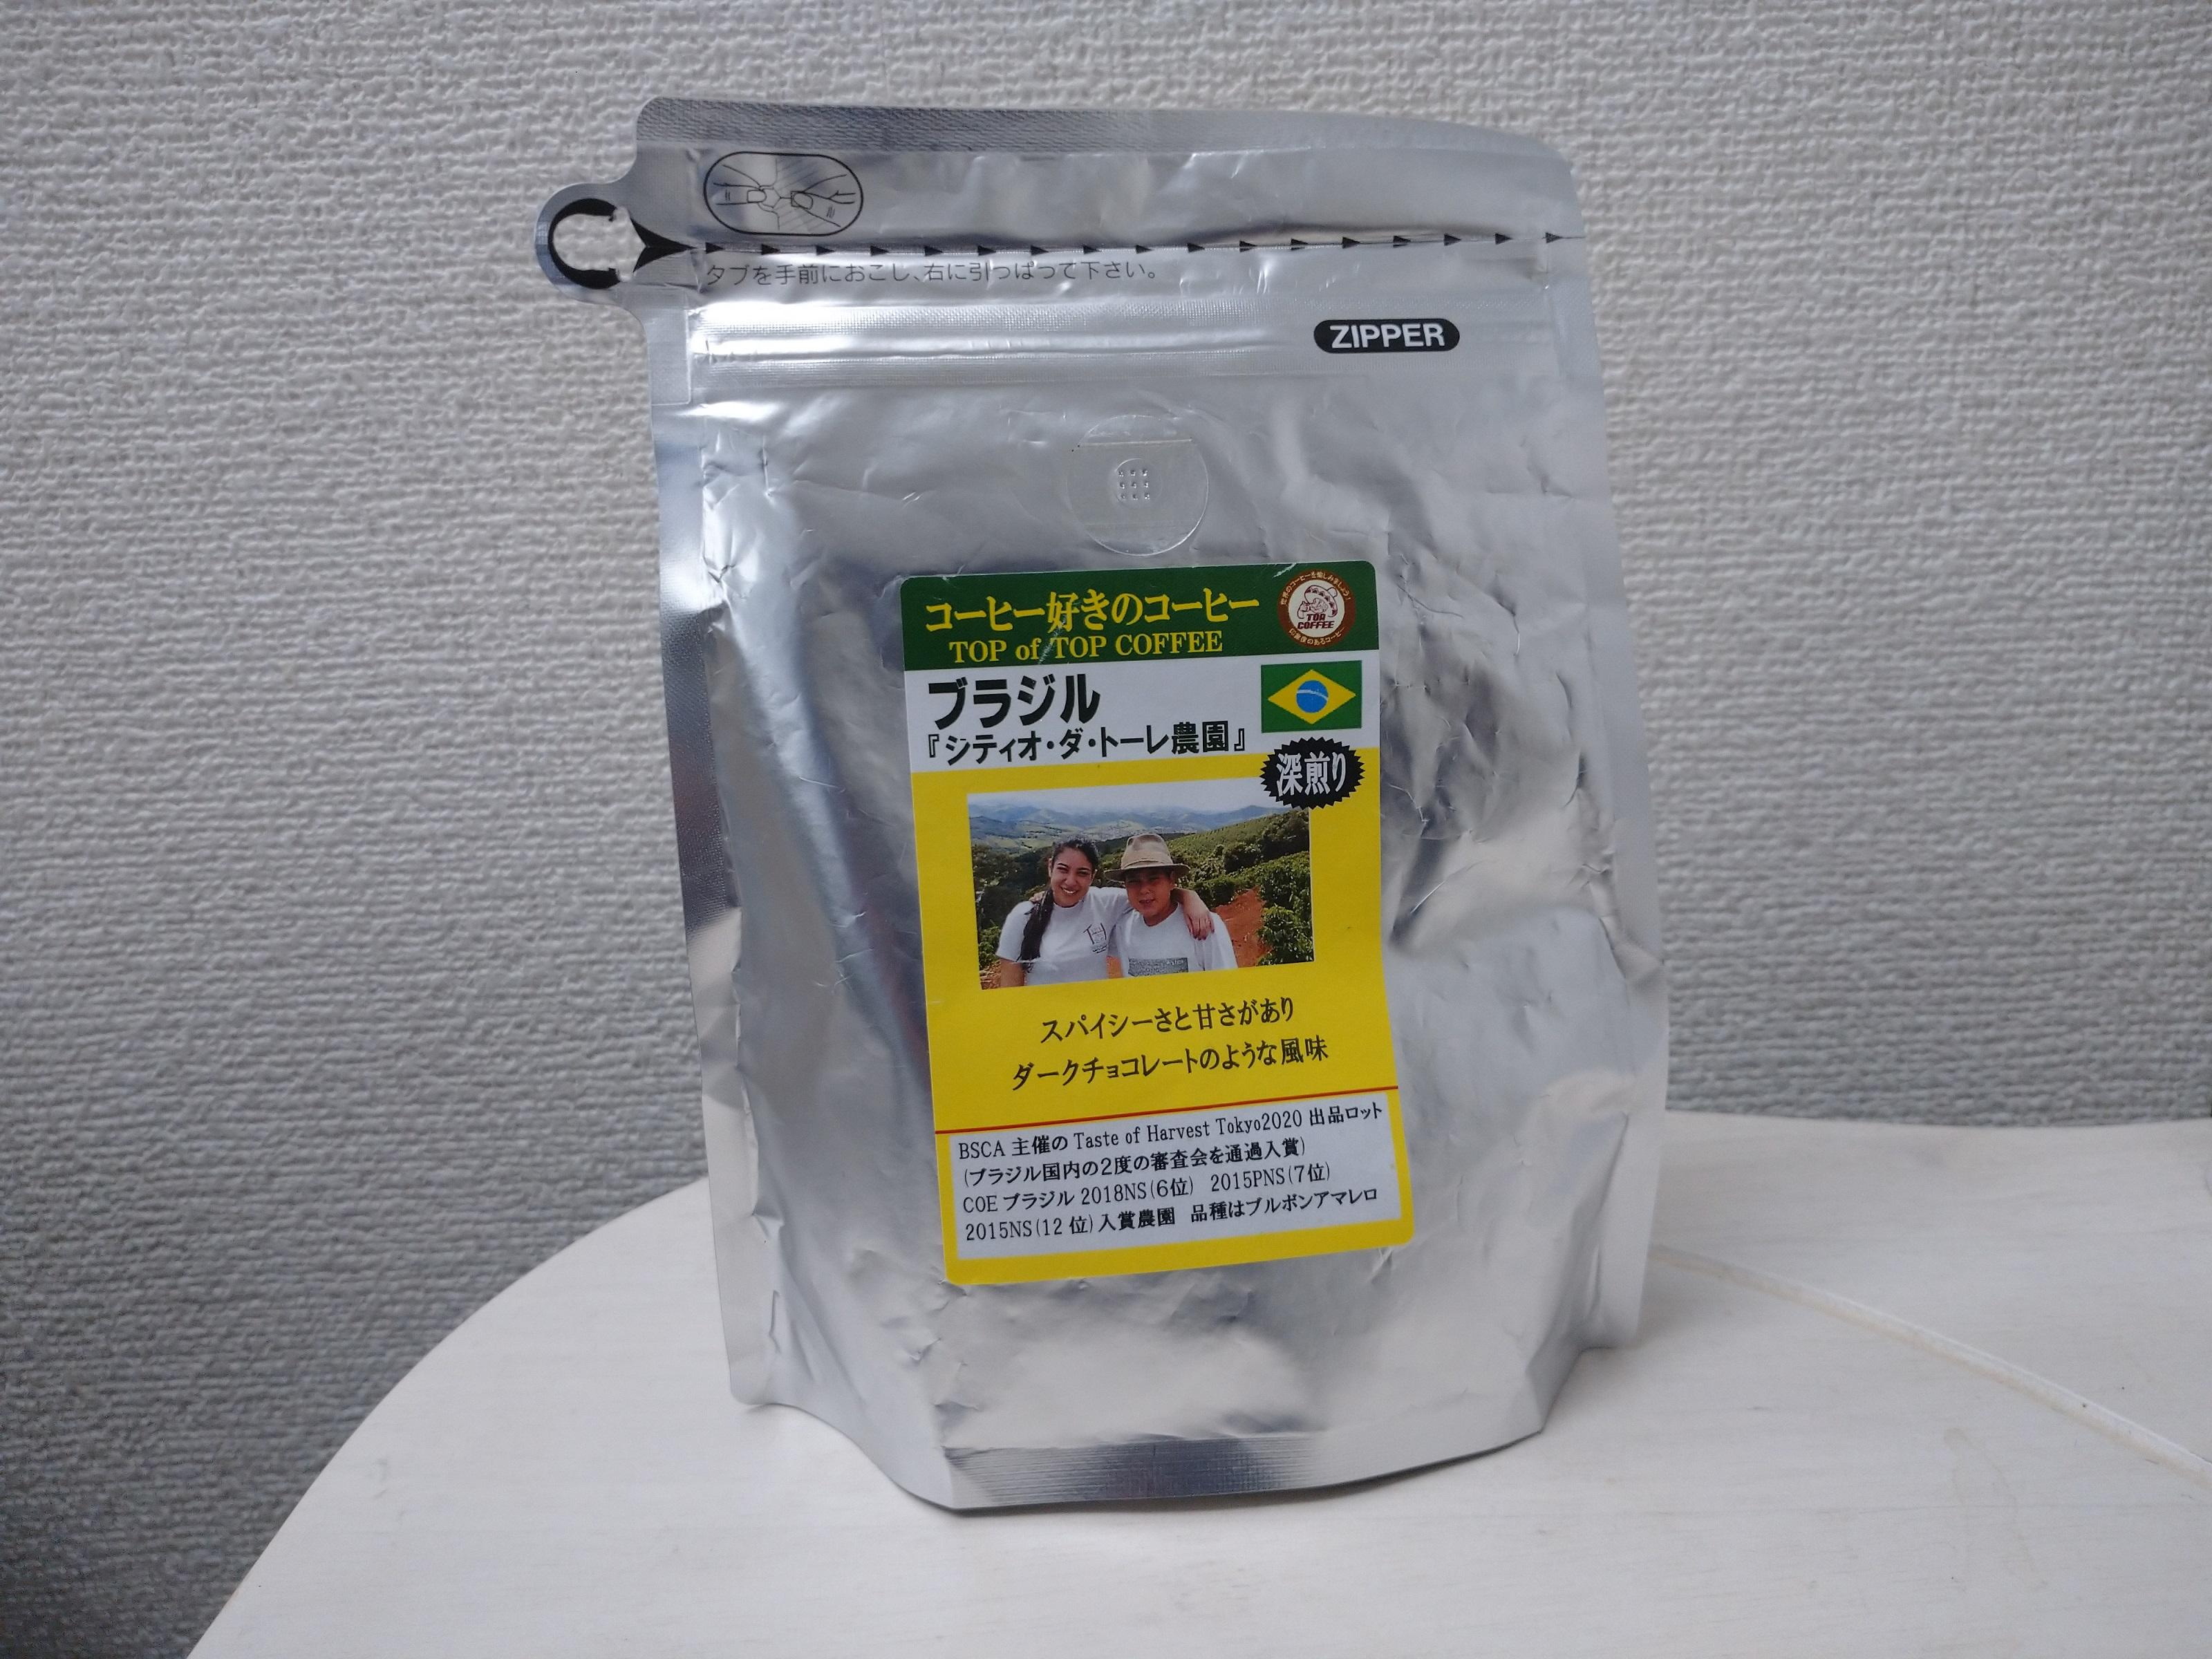 SP珈琲豆 ブラジル 「シティオ・ダ・トーレ」200g (深煎り)画像